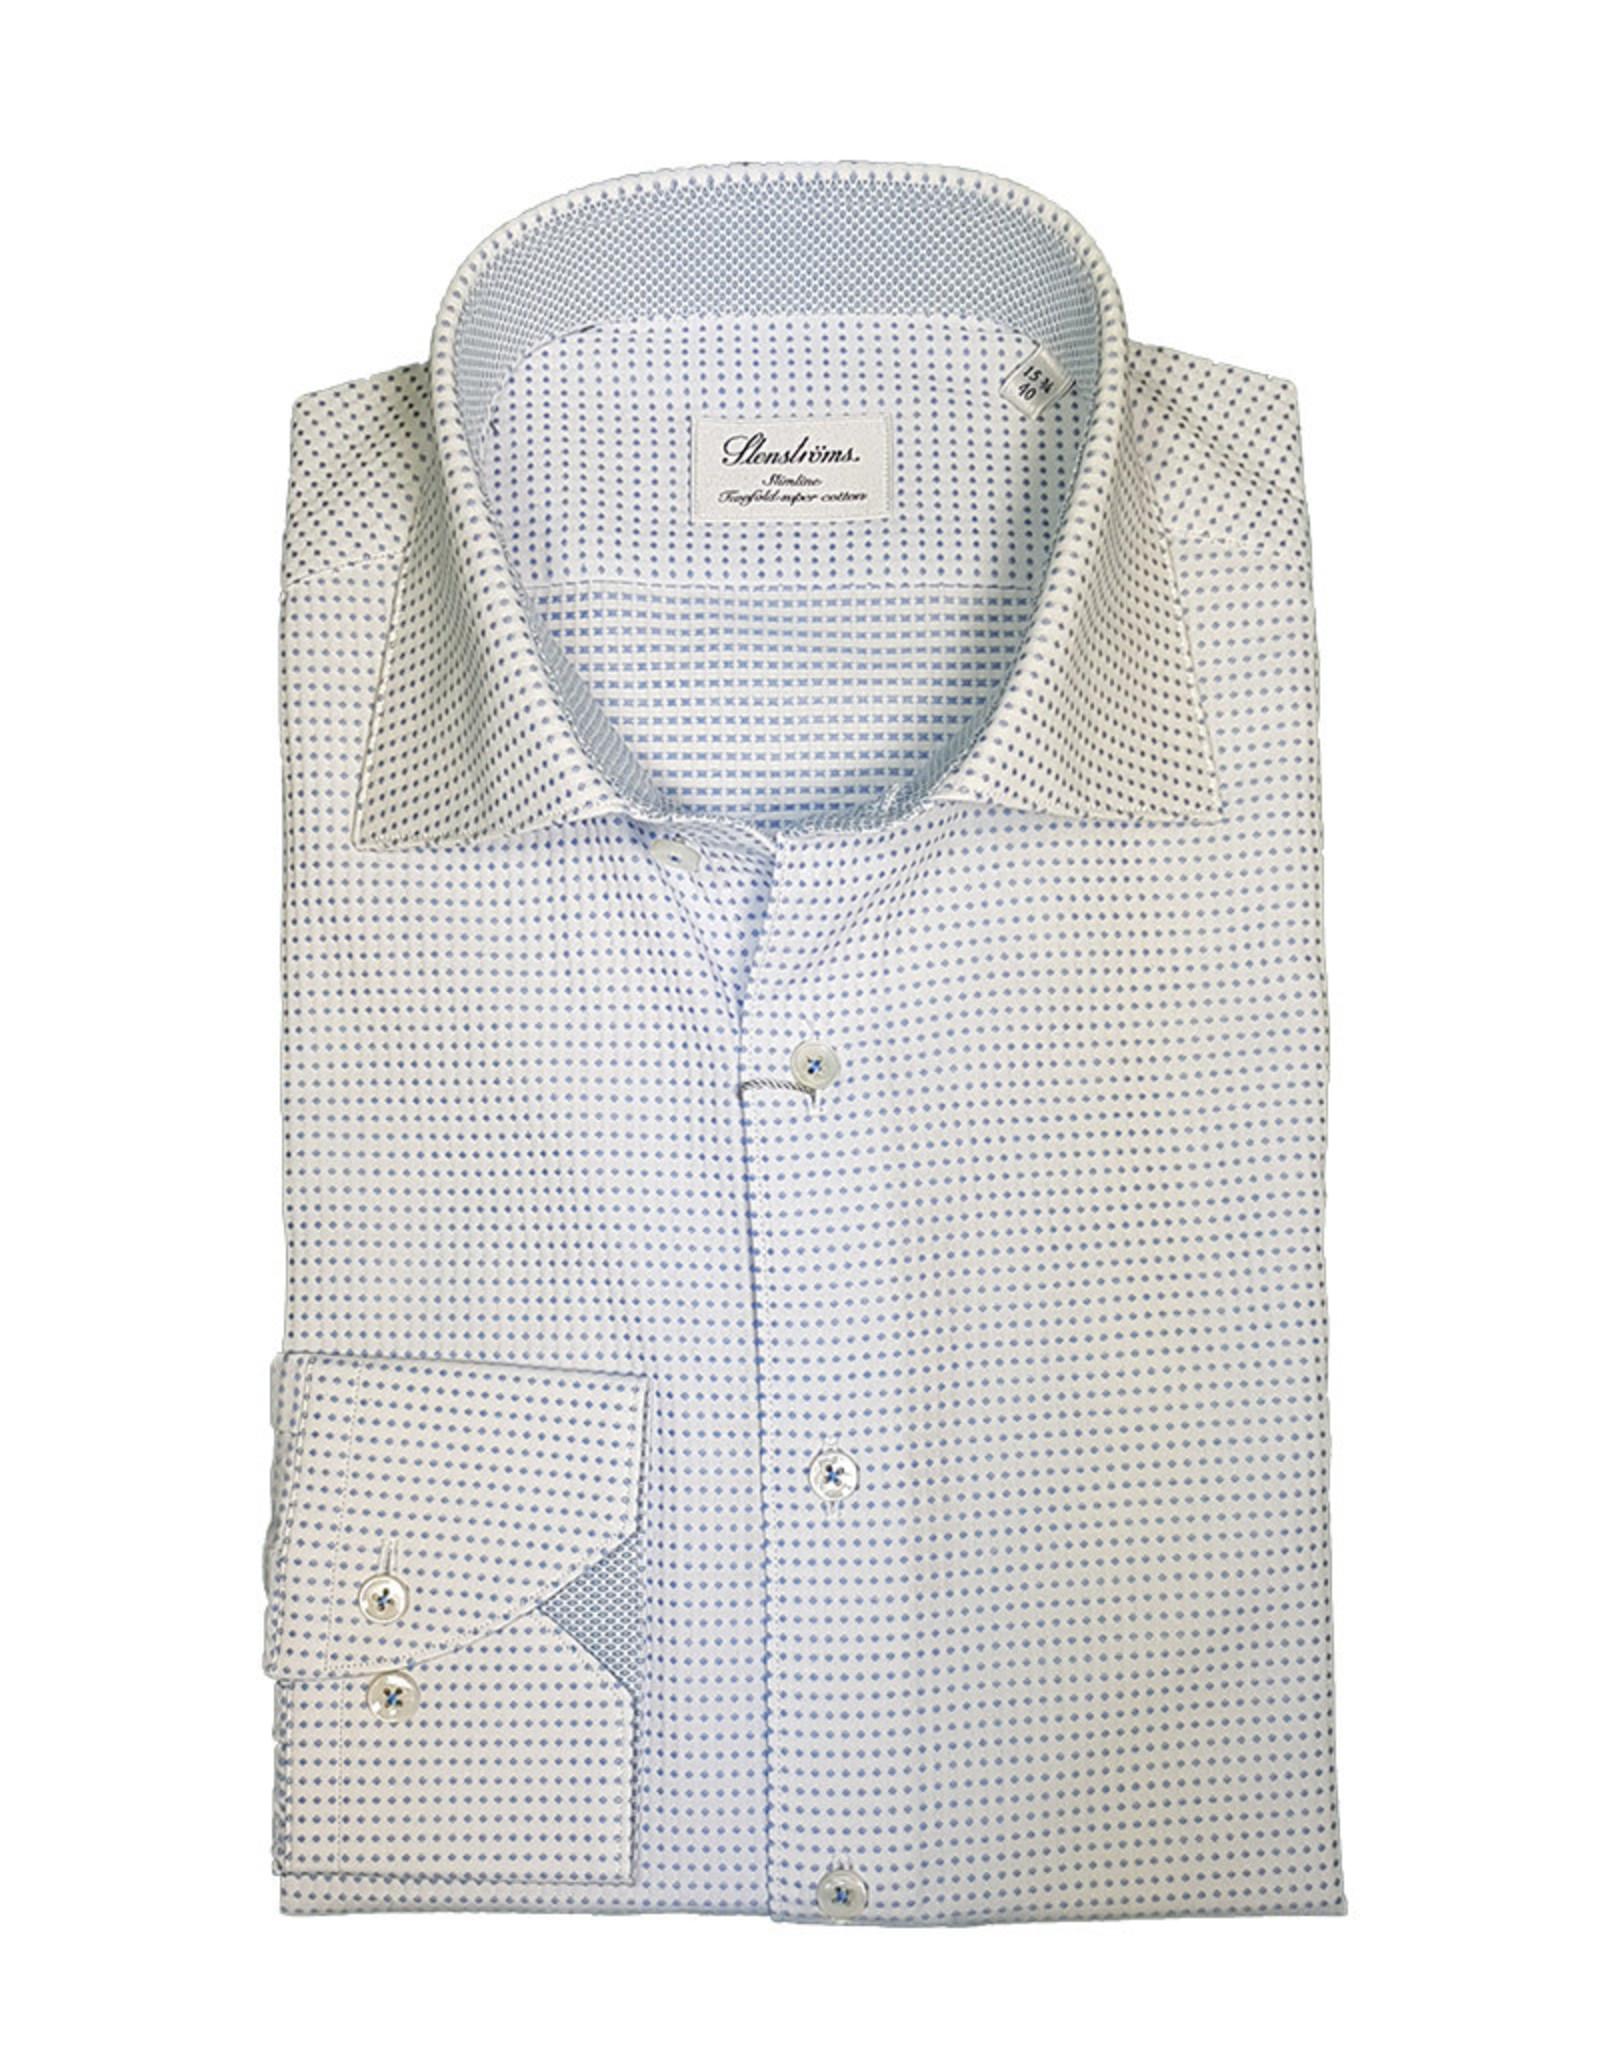 Stenströms Stenströms hemd wit met blauwe stippen Slimline 784901-7123/001